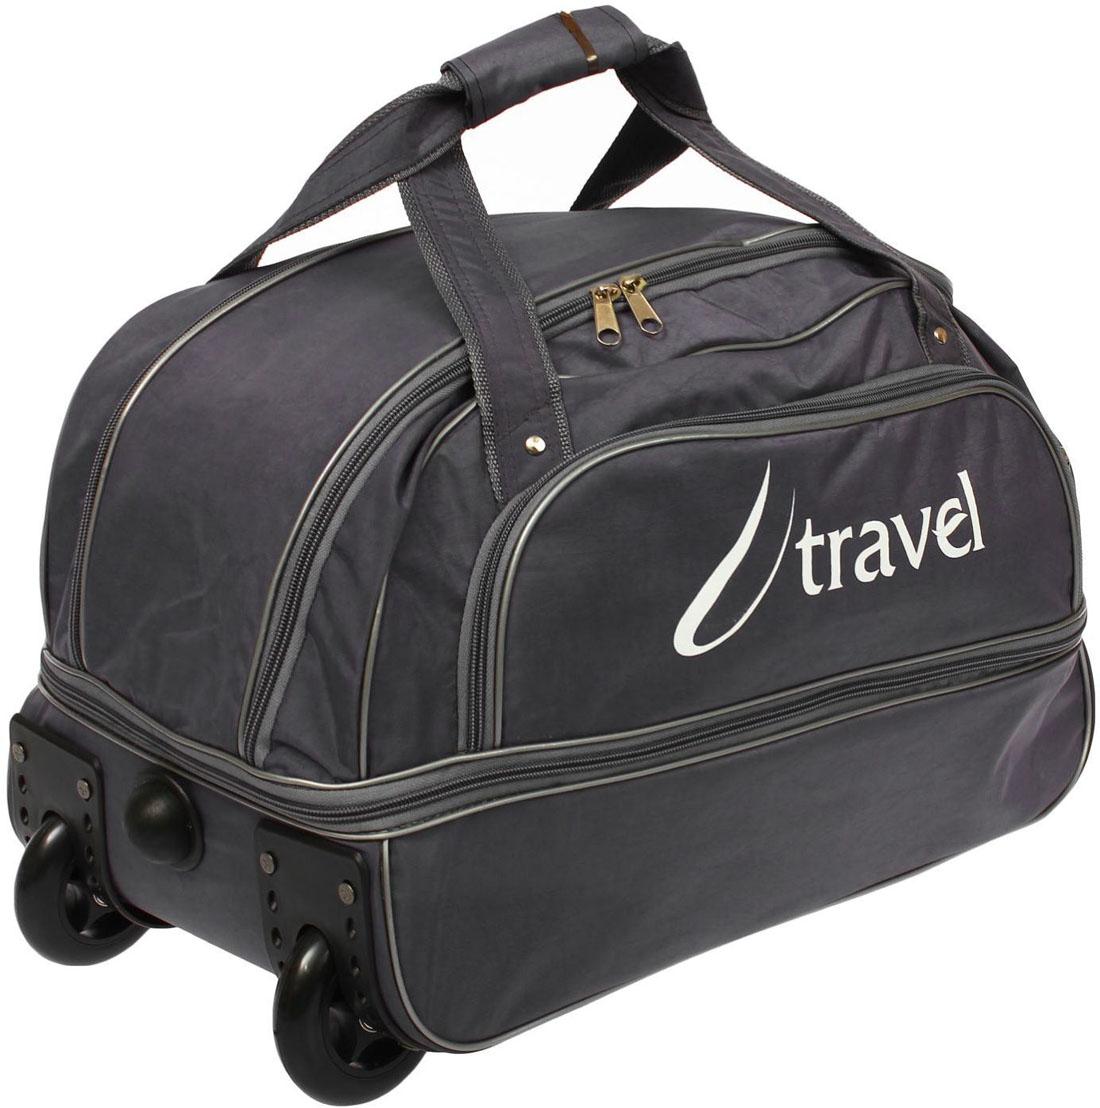 Сумка дорожная AMeN, цвет: черный. 16960351696035Прочная дорожная сумка AMeN на двух колесах пригодится как в путешествии, так и в деловых поездках. Она позволяет взять с собой все необходимое: от нижнего белья до брюк, юбок и пиджаков. Модель оснащена широкими ручками и съемным длинным ремнем для комфортной переноски. Дорожный аксессуар прослужит много лет, так как изготовлен из прочного текстиля, устойчивого к выцветанию.